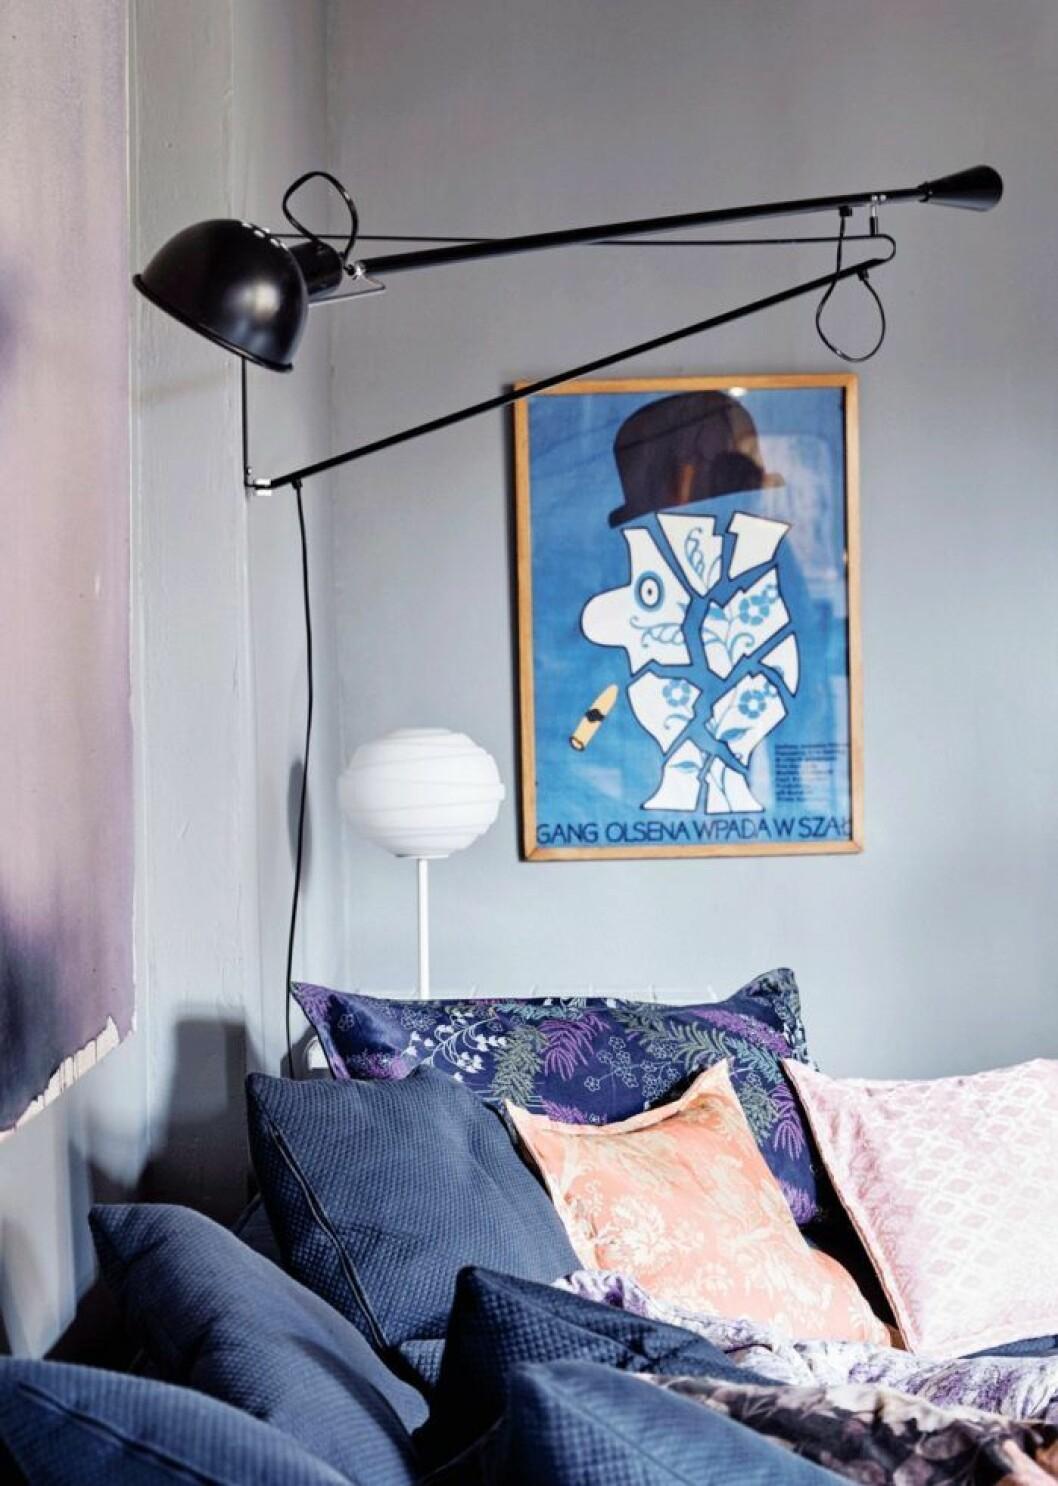 Svart vägglampa i stilren design är en snygg inredningsdetalj.